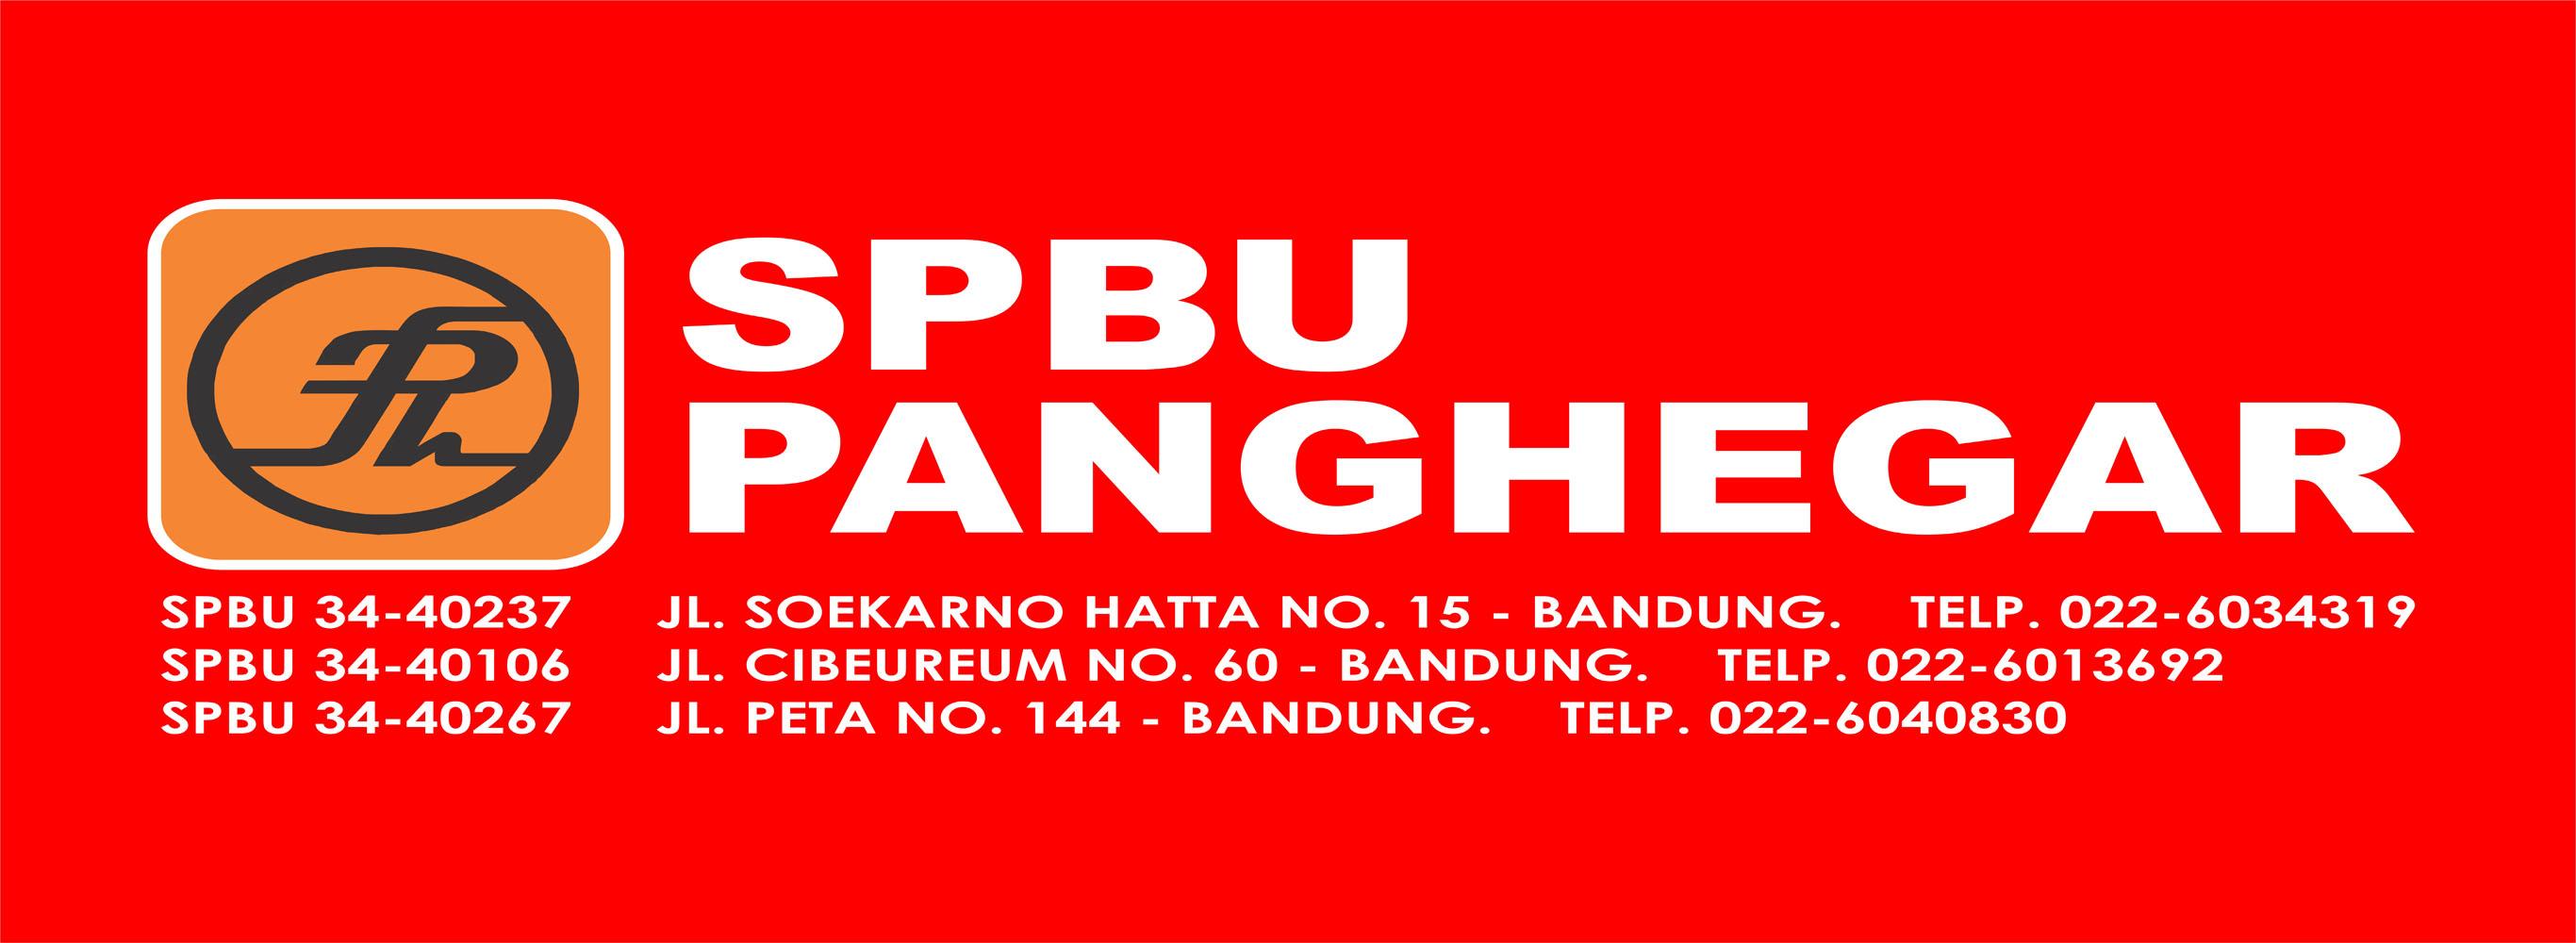 SPBU Panghegar